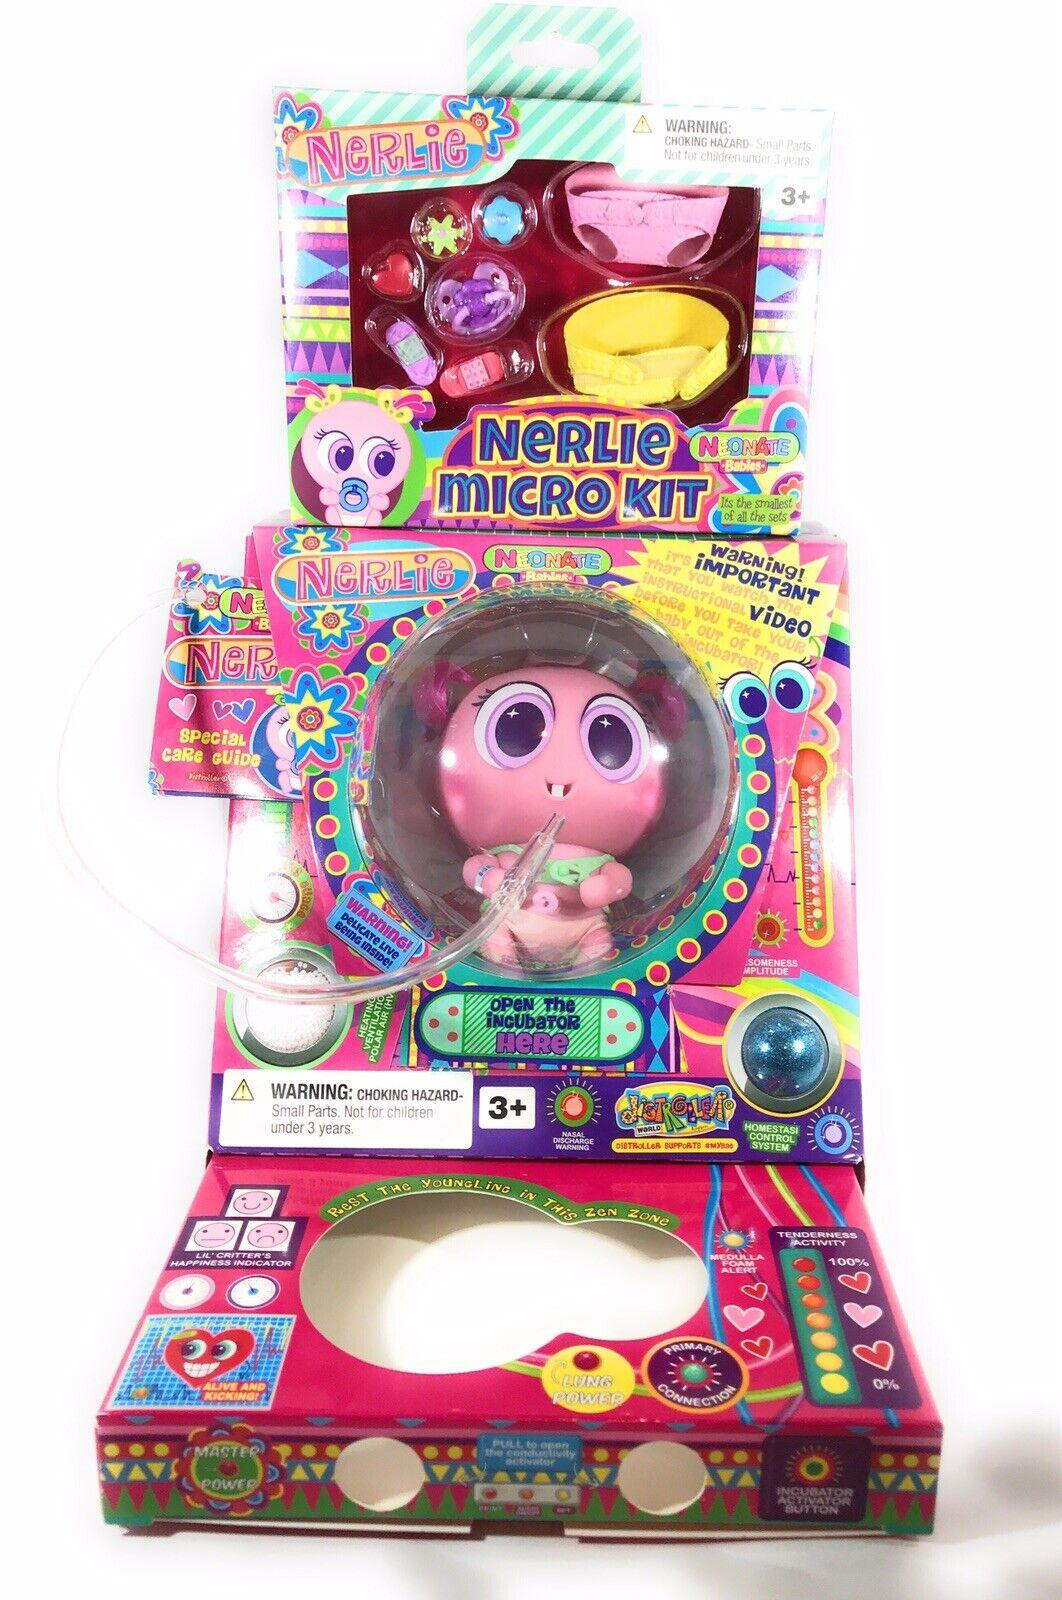 Distrollerbundle  Bambino Fidgets + Micro Kit  acquista la qualità autentica al 100%